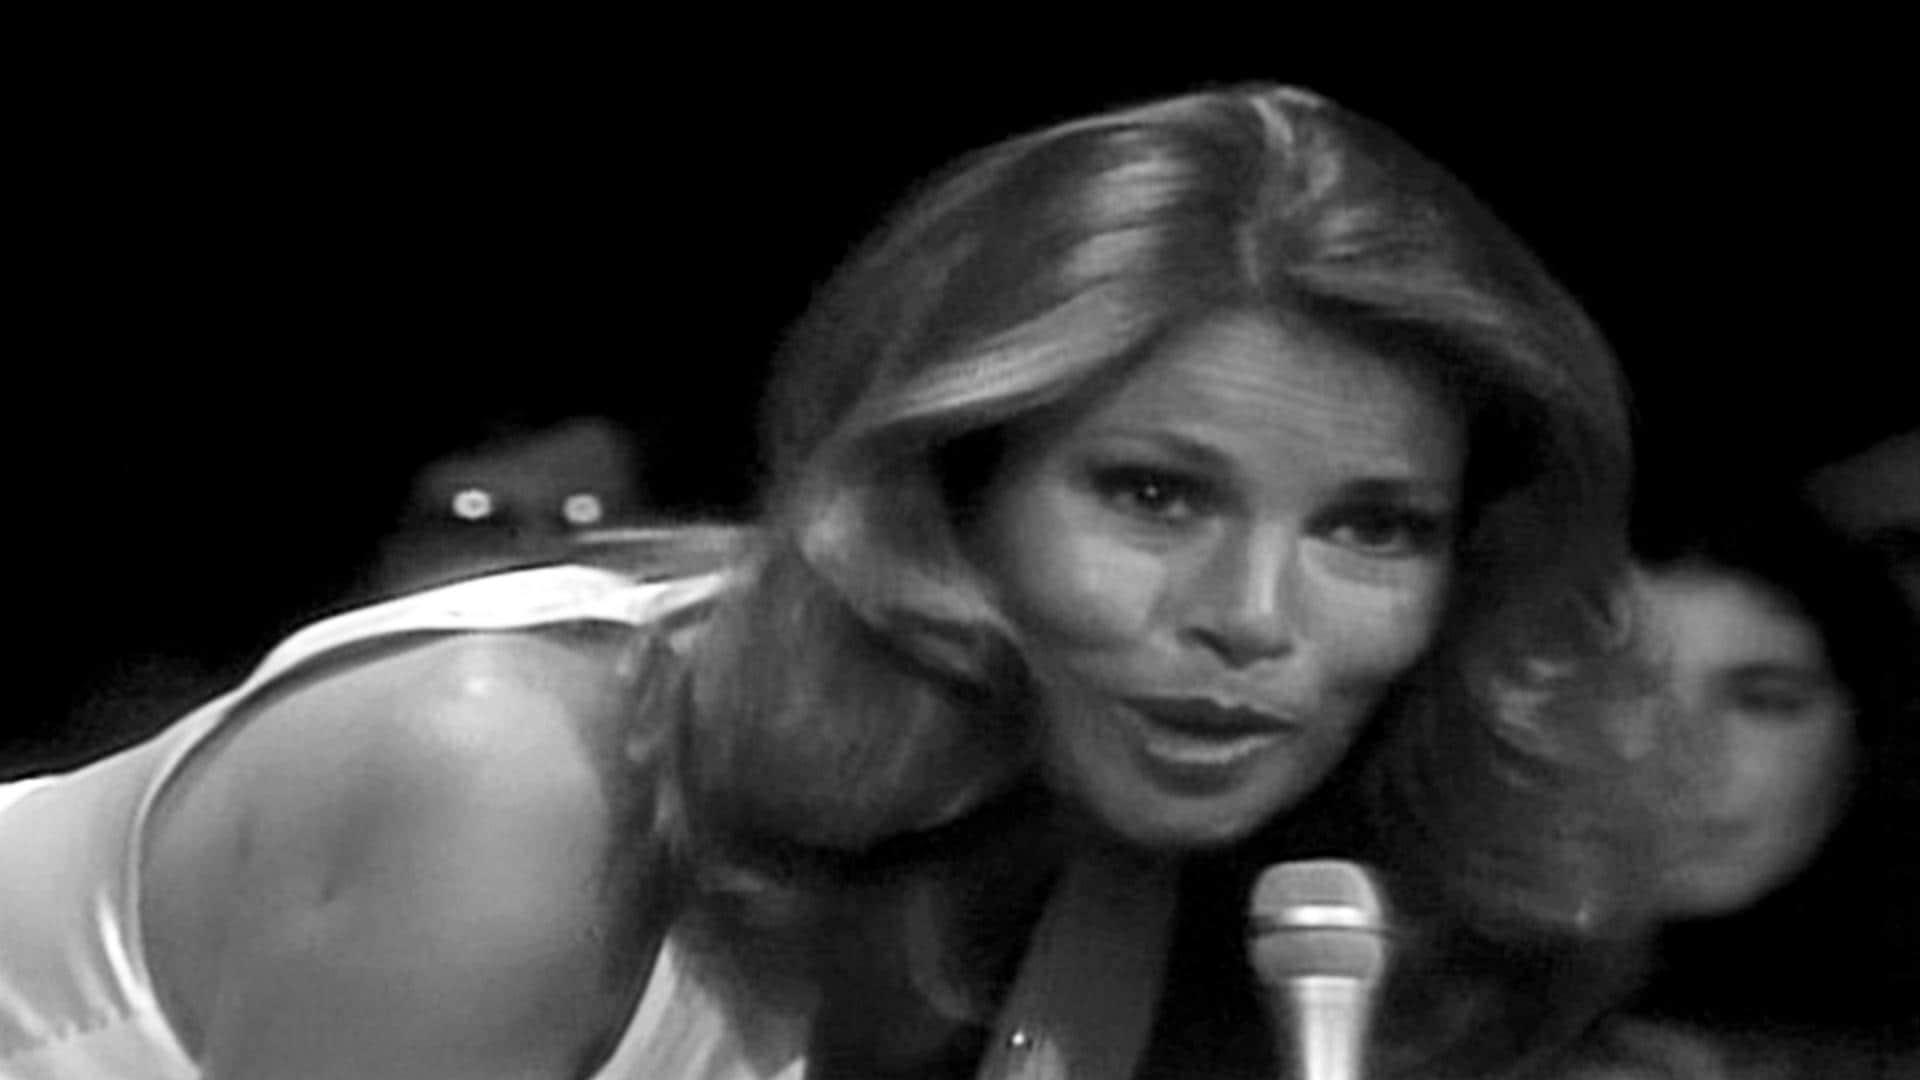 Raquel Welch: April 24, 1976